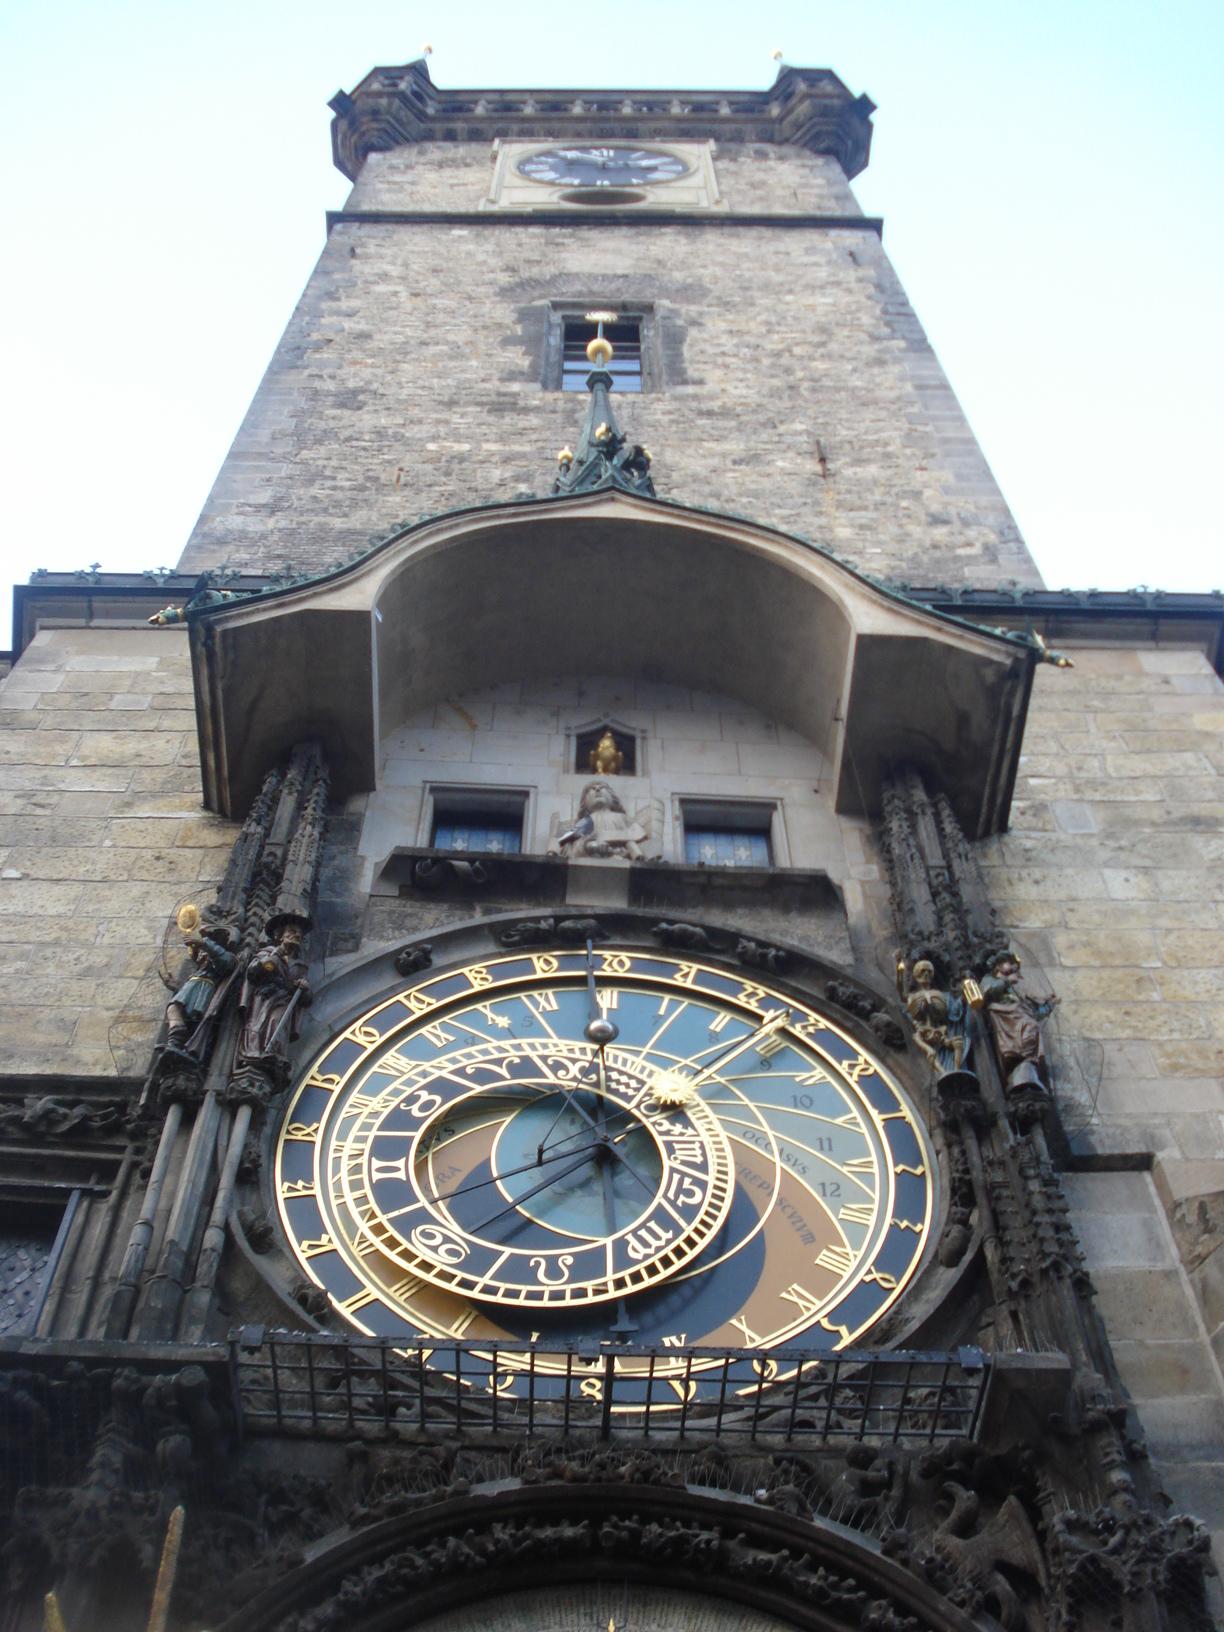 Relógio Astronômico, Praga, República Tcheca